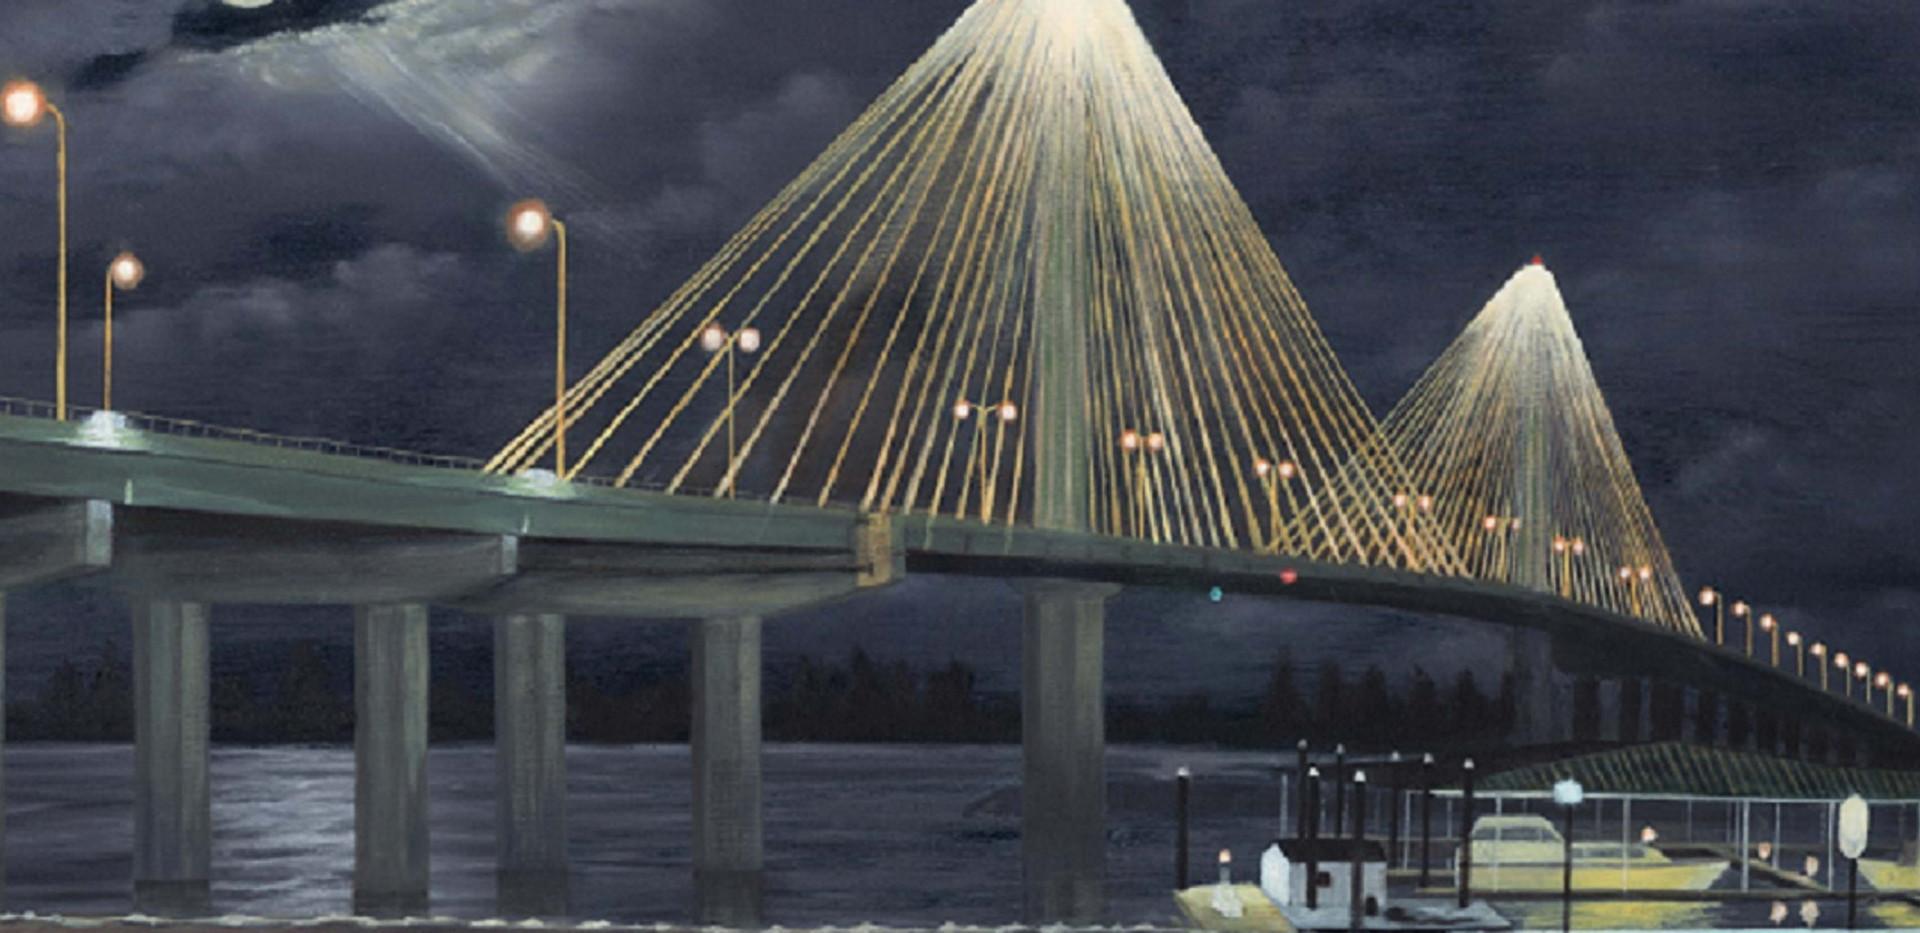 Clark-bridge-at-night-8-x-10.jpg